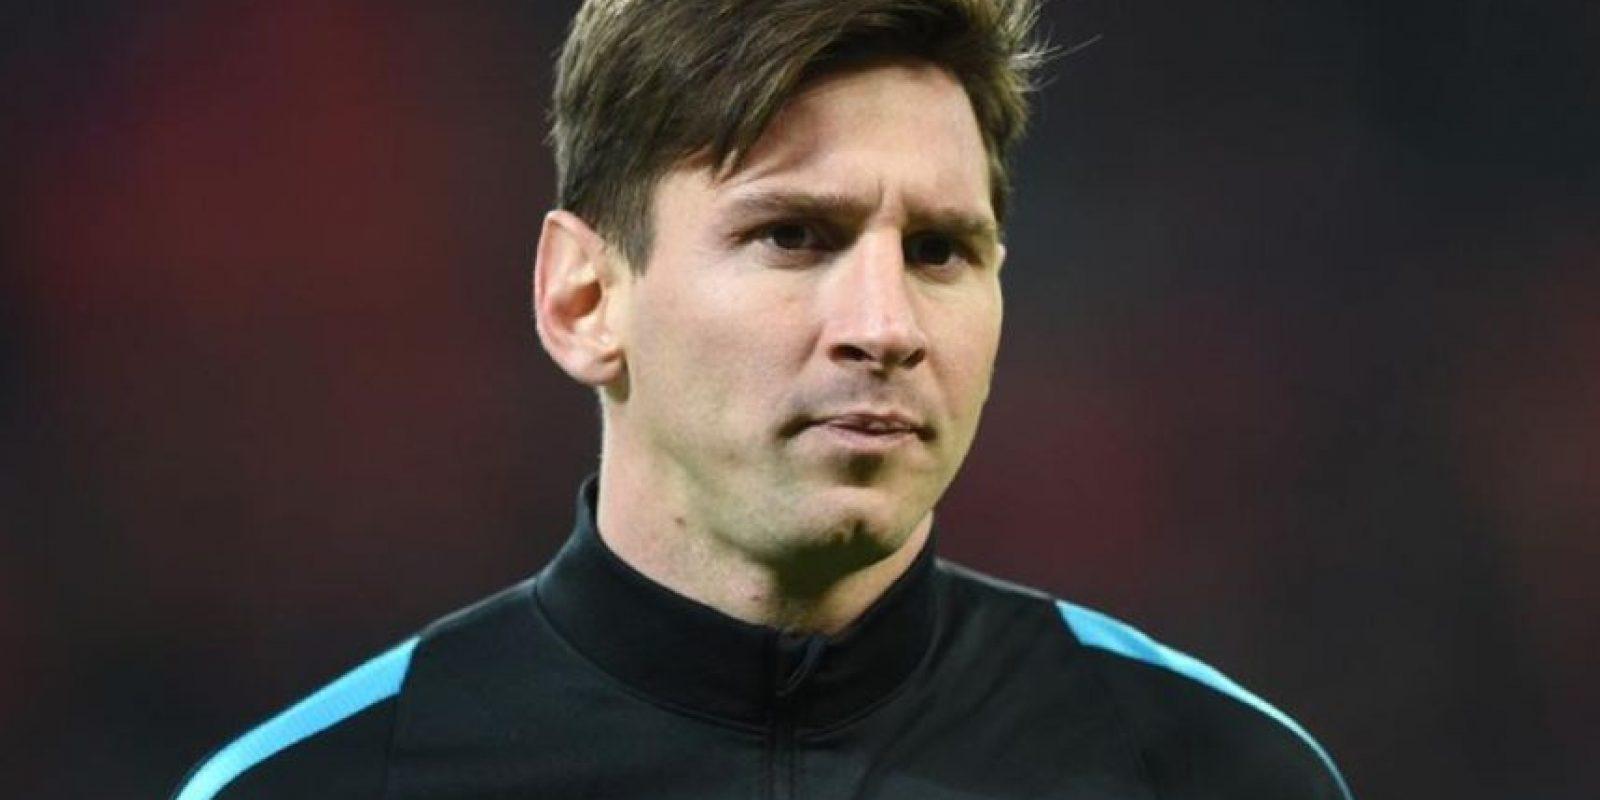 Lionel Messi Foto:Instagram/@leomessi. Imagen Por: